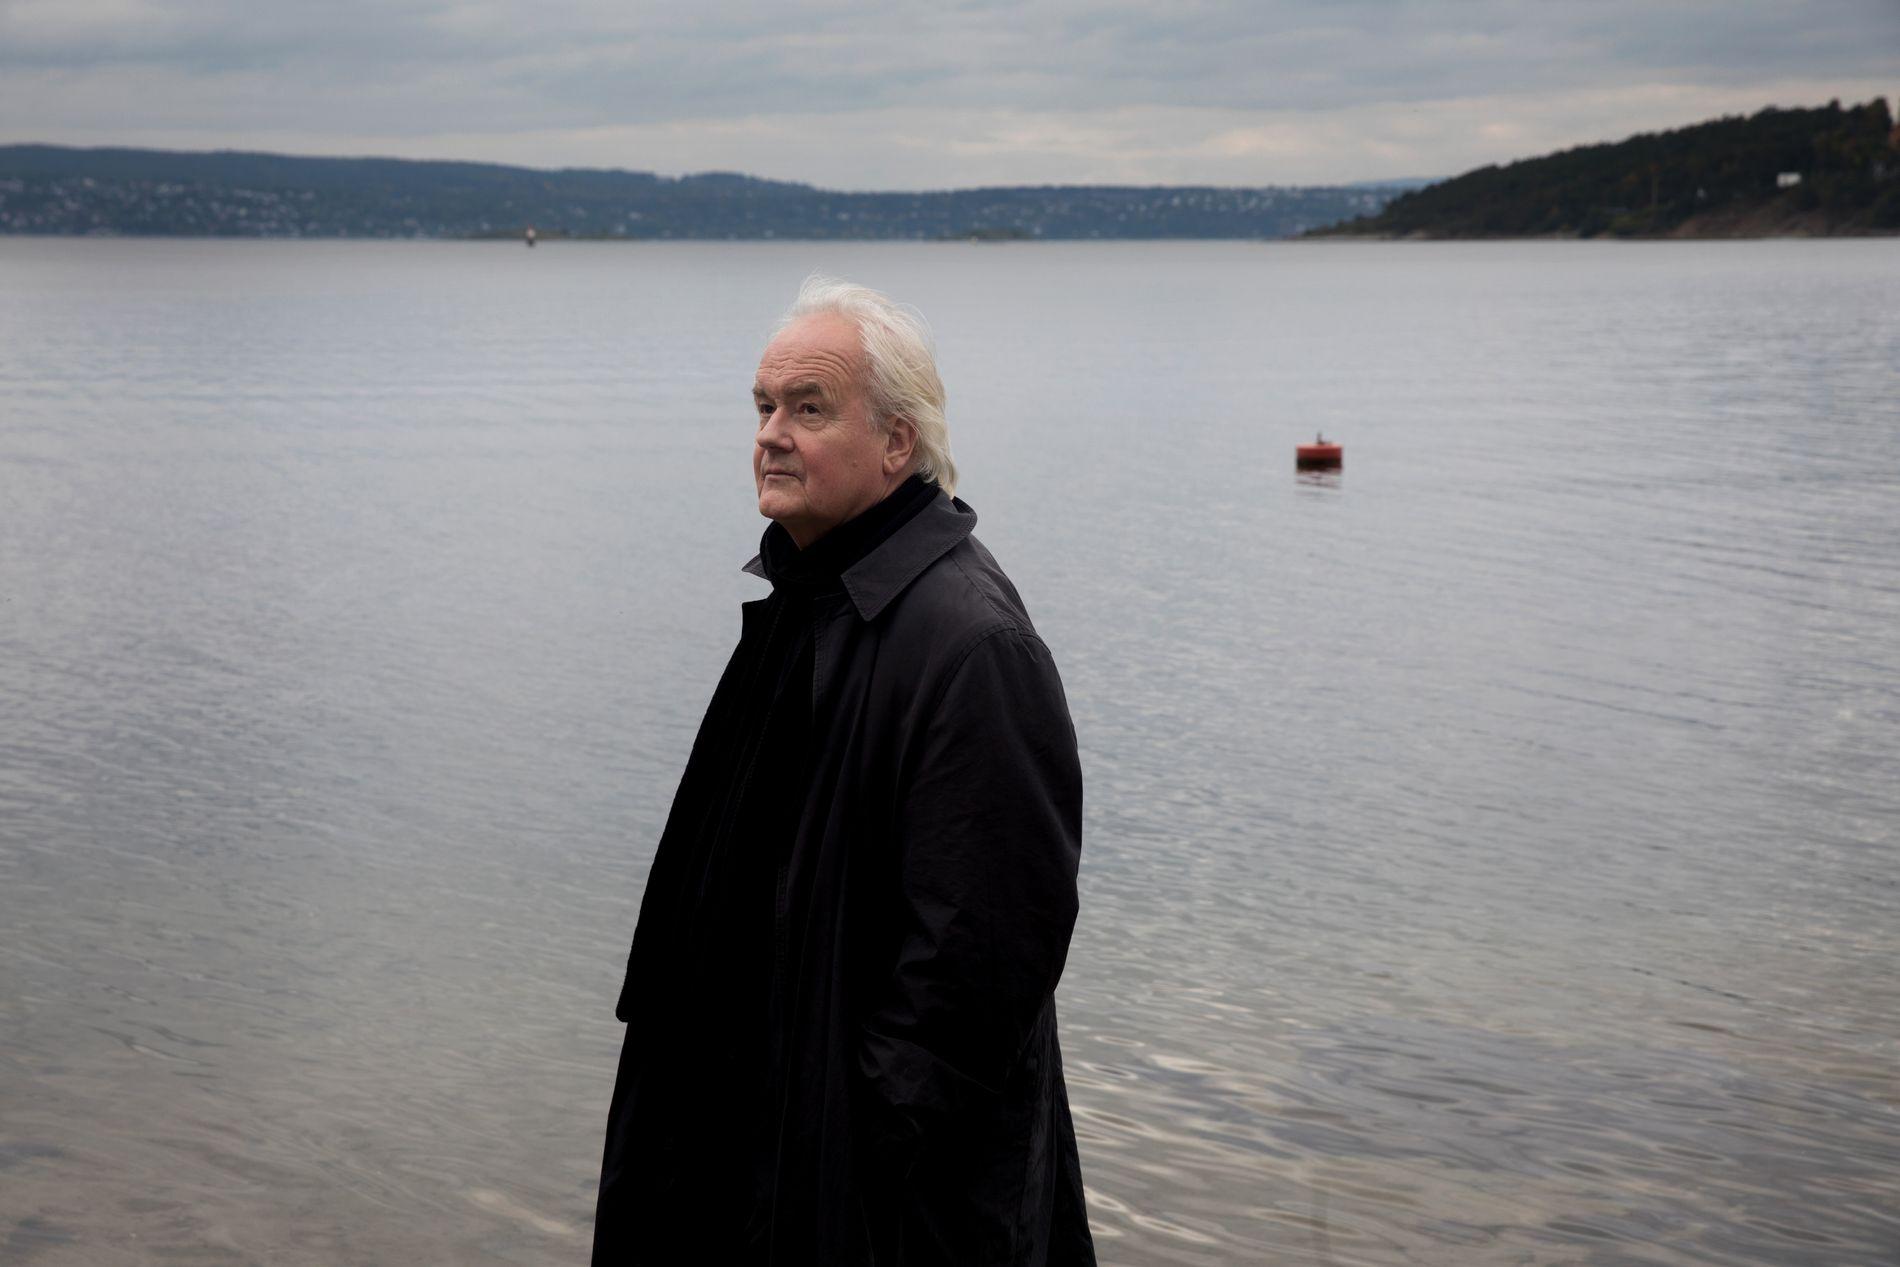 BESTSELGERLISTE: Forfatter Ketil Bjørnstad er både pianist, komponist og forfatter. Flere av bøkene hans har toppet bestselgerlistene i Norge, Frankrike og Tyskland.